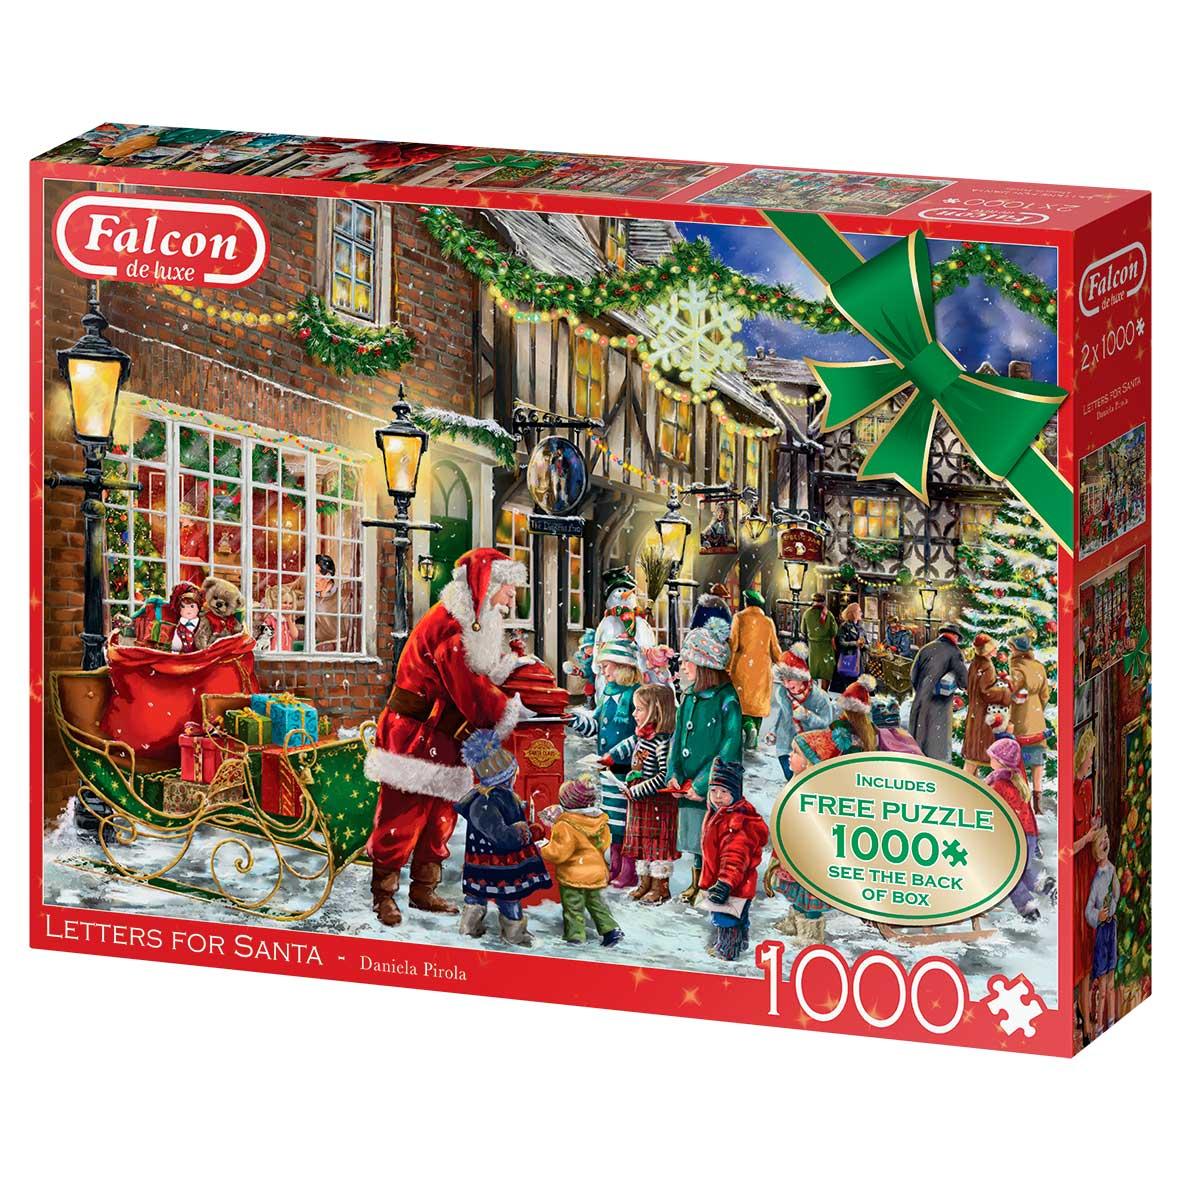 Puzzle Falcon Cartas para Papá Noel de 2 x 1000 Piezas